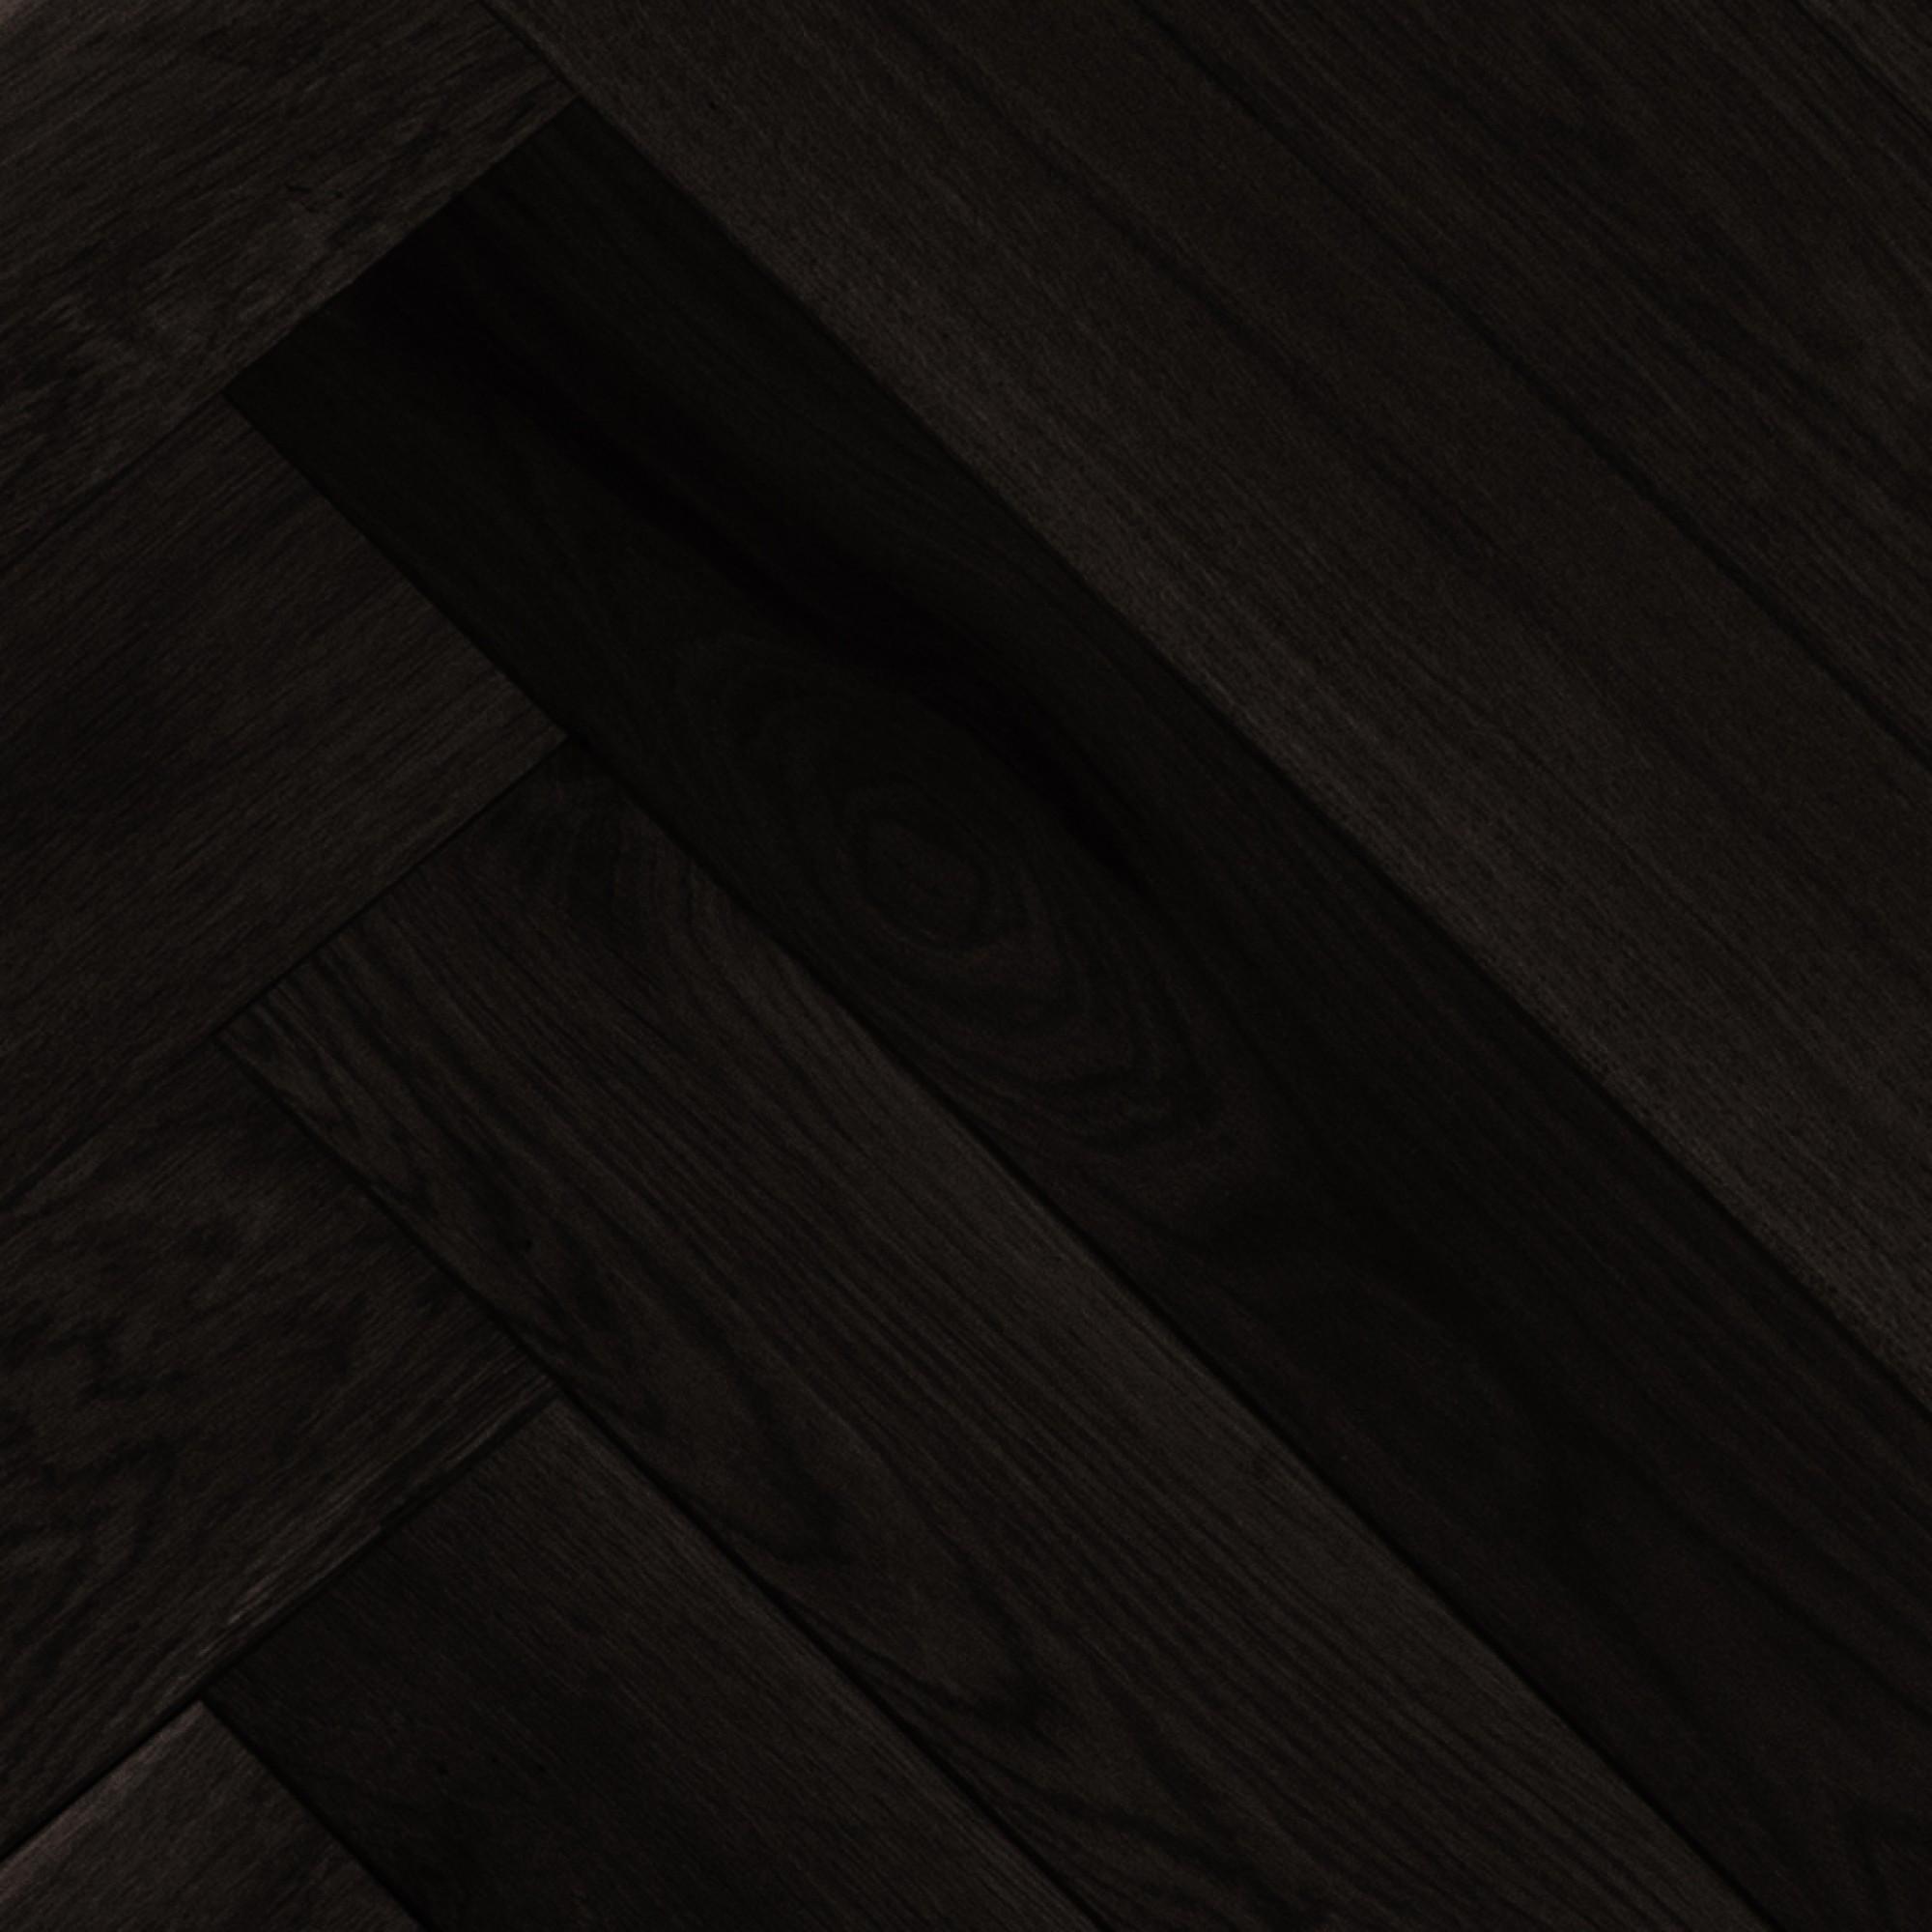 hardwood floor repair kit of smooth white oak baroque vintage hardwood flooring and inside floor ambiance